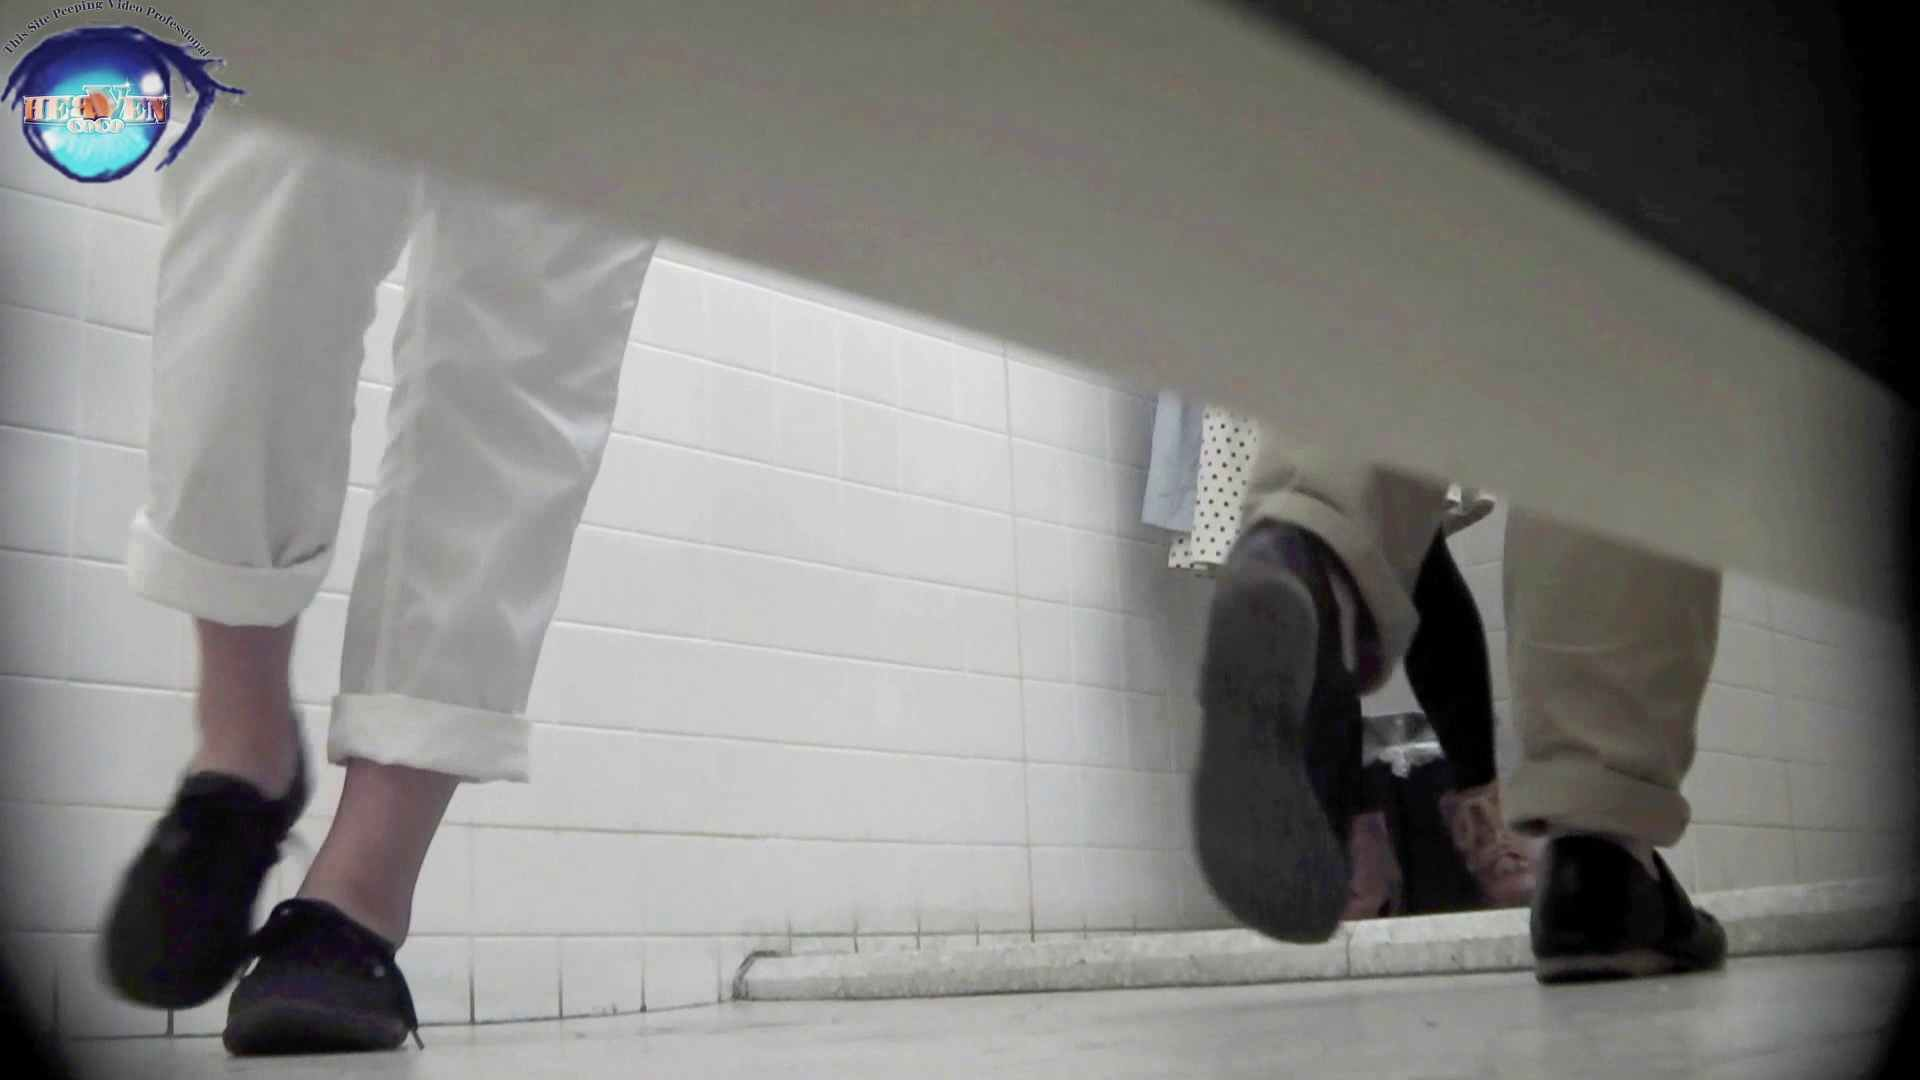 お銀さんの「洗面所突入レポート!!」 vol.65 美女を撮るためにみんなの前に割り込む!!後編 洗面所編 | 美女まとめ  91PIX 45